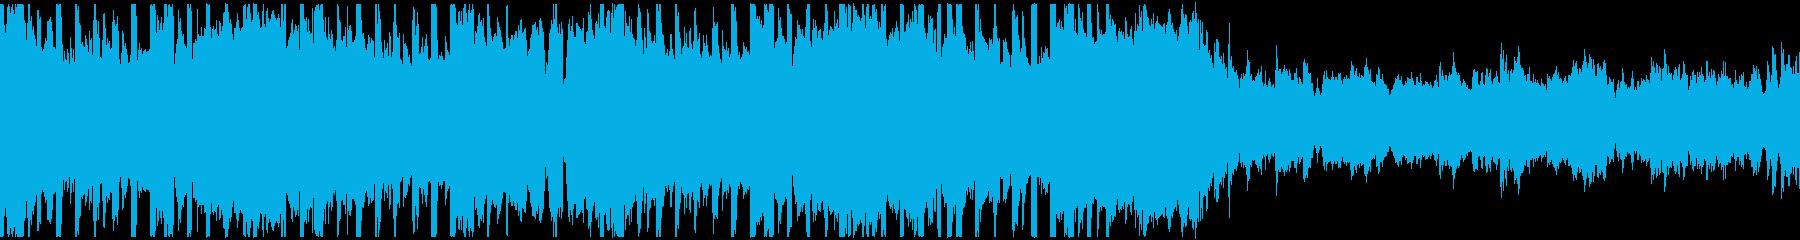 VP系9、クラブ系、クール、オシャレDの再生済みの波形